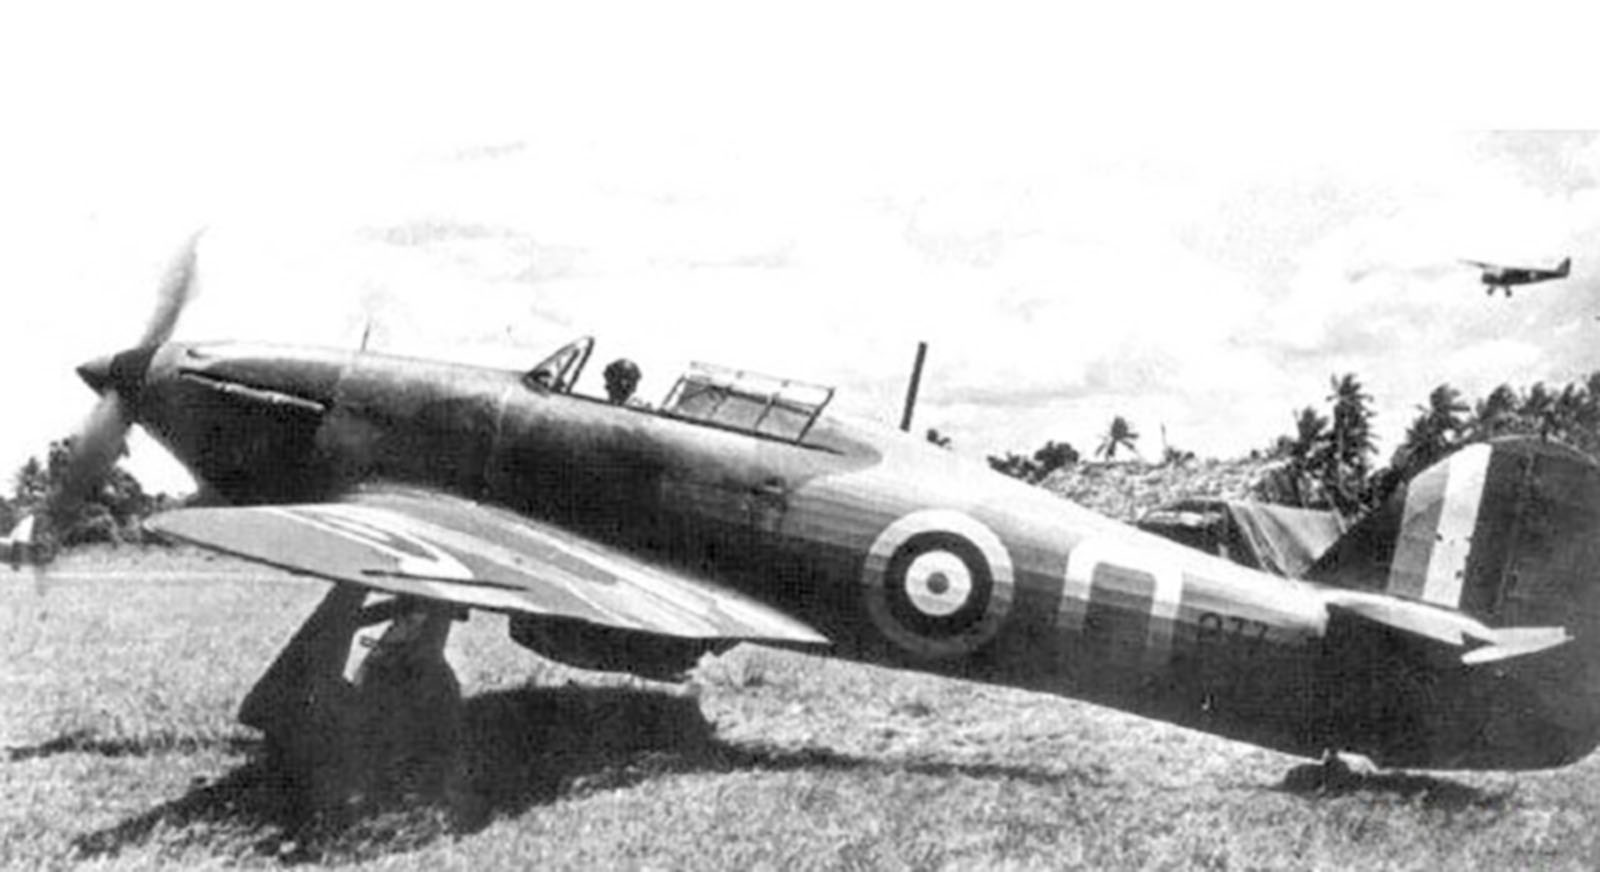 Hurricane I Trop SAAF 3Sqn Q 277 Kenya 1941 01